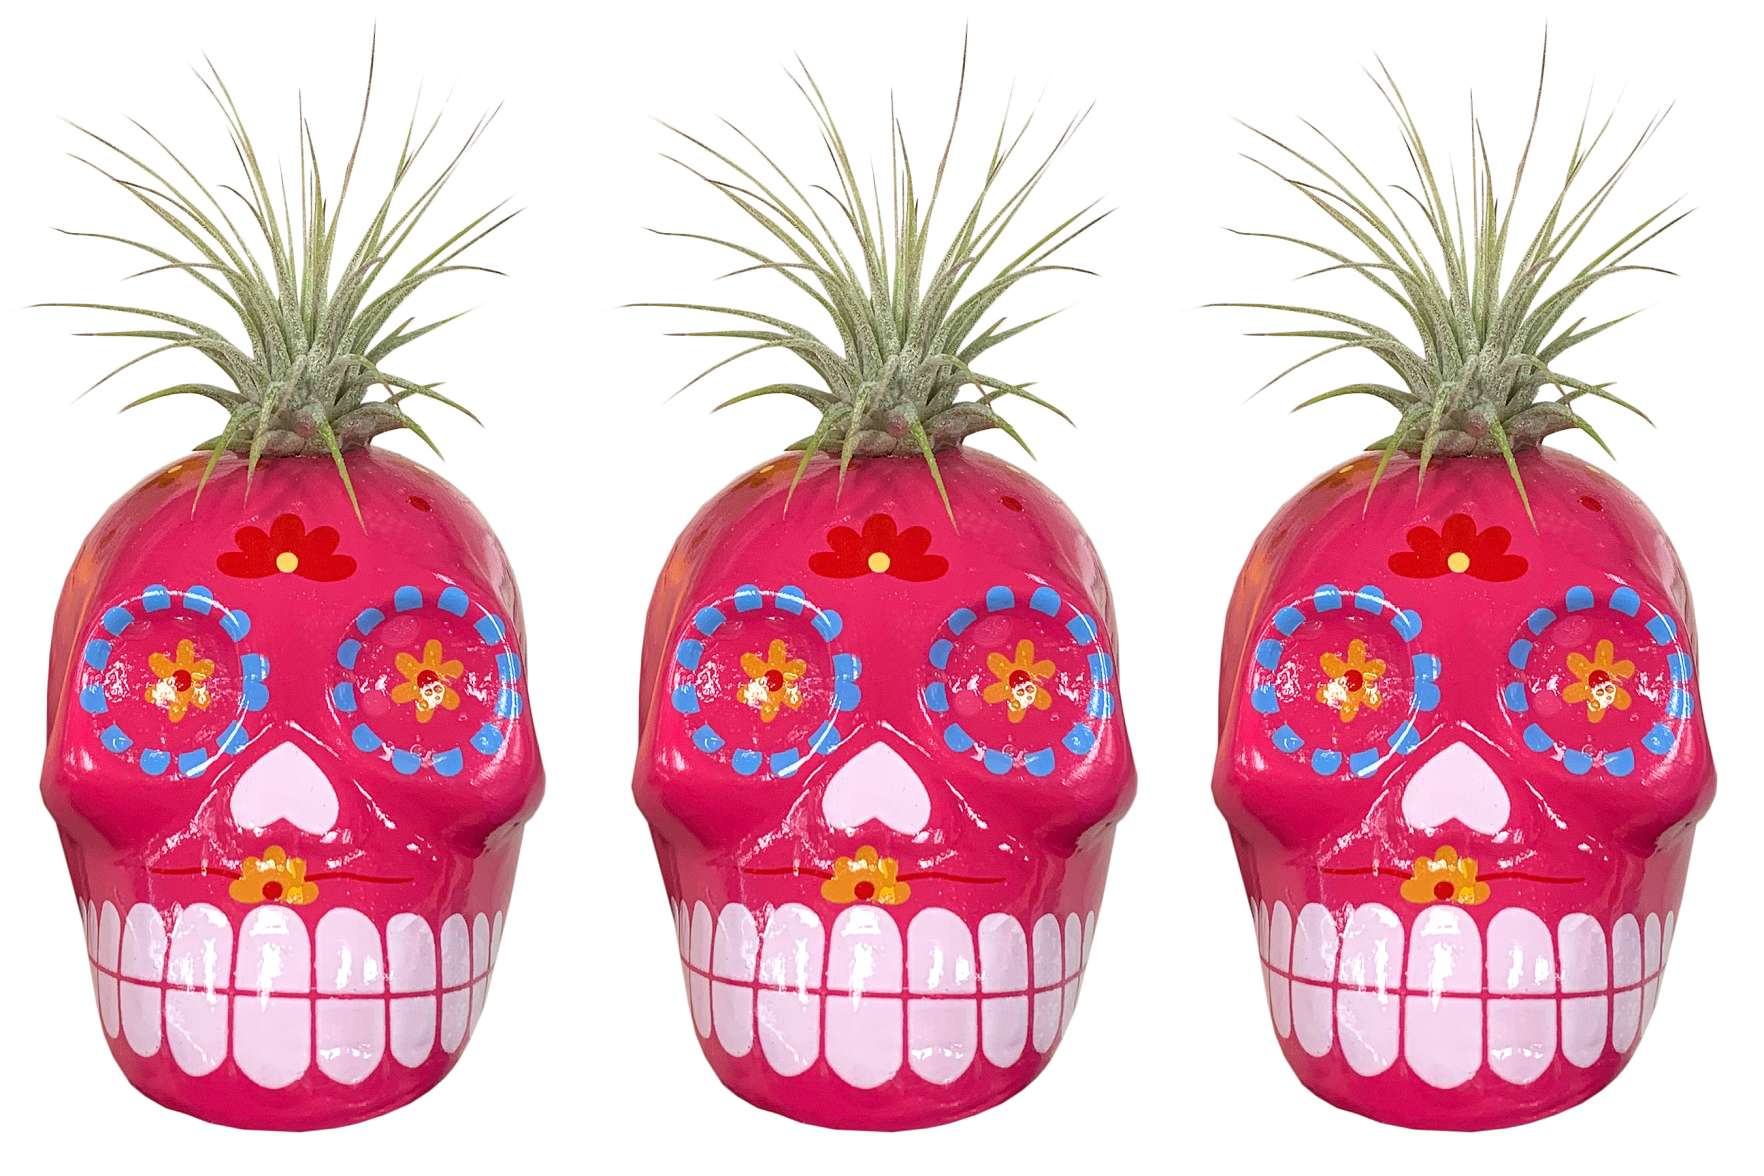 Trader Joe's Sugar Skull SucculentsCredit: Trader Joe's